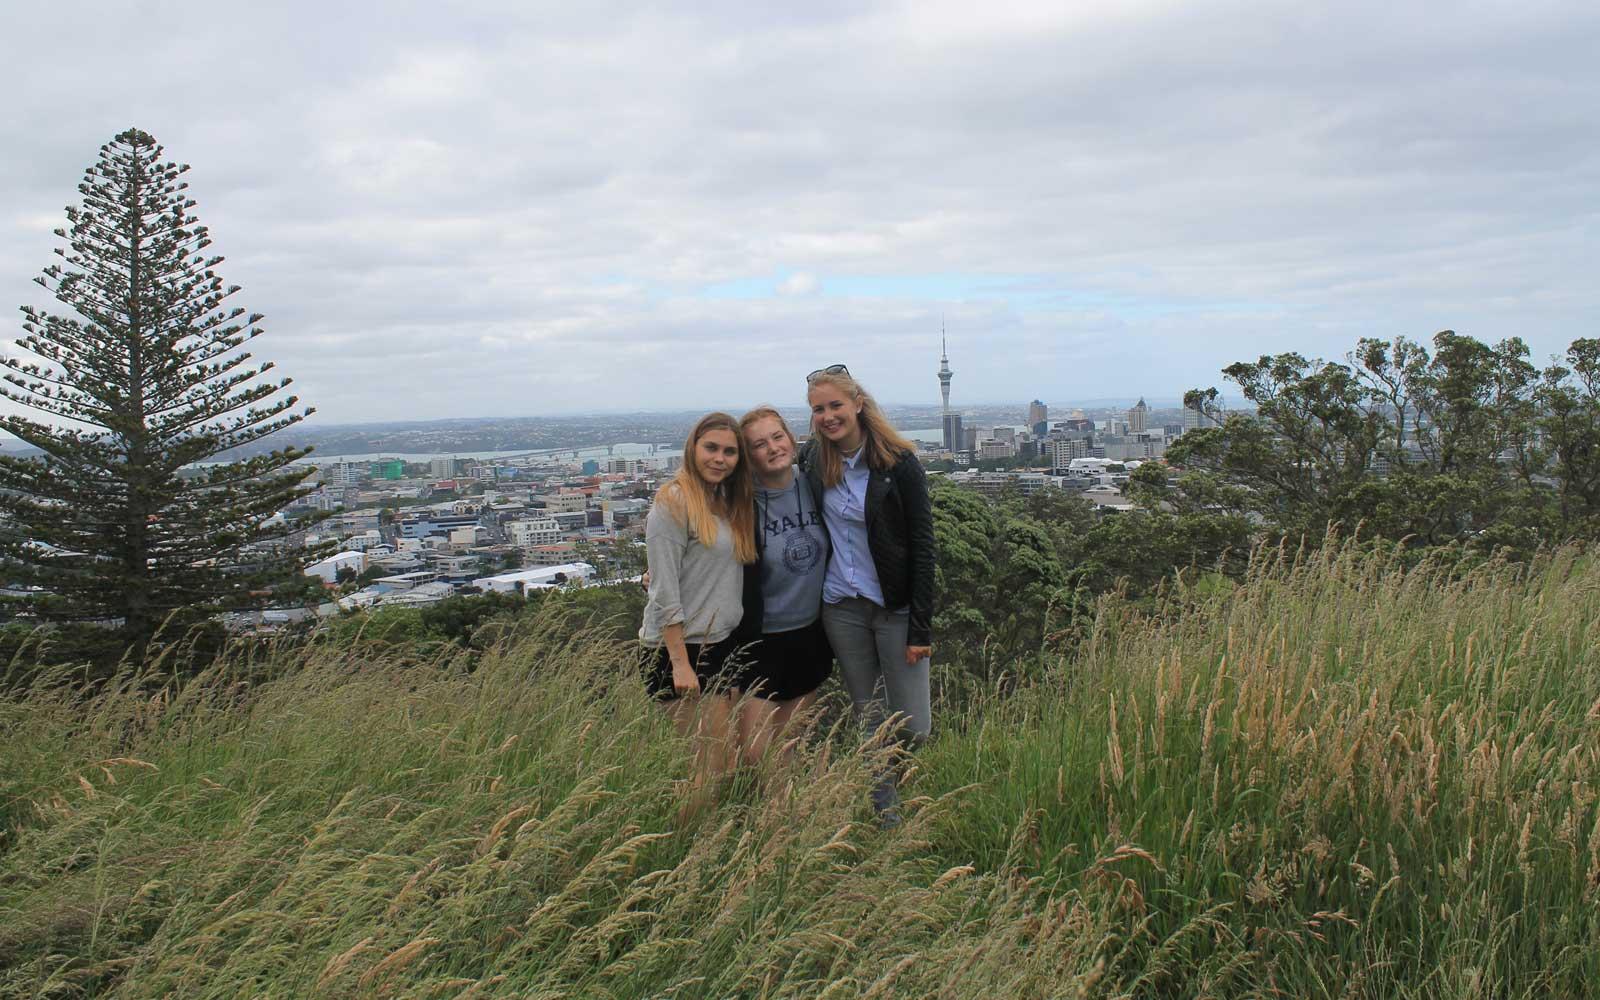 Austauschschülerin Myrna mit zwei Freundinnen am Mount Eden vor der Skyline Aucklands